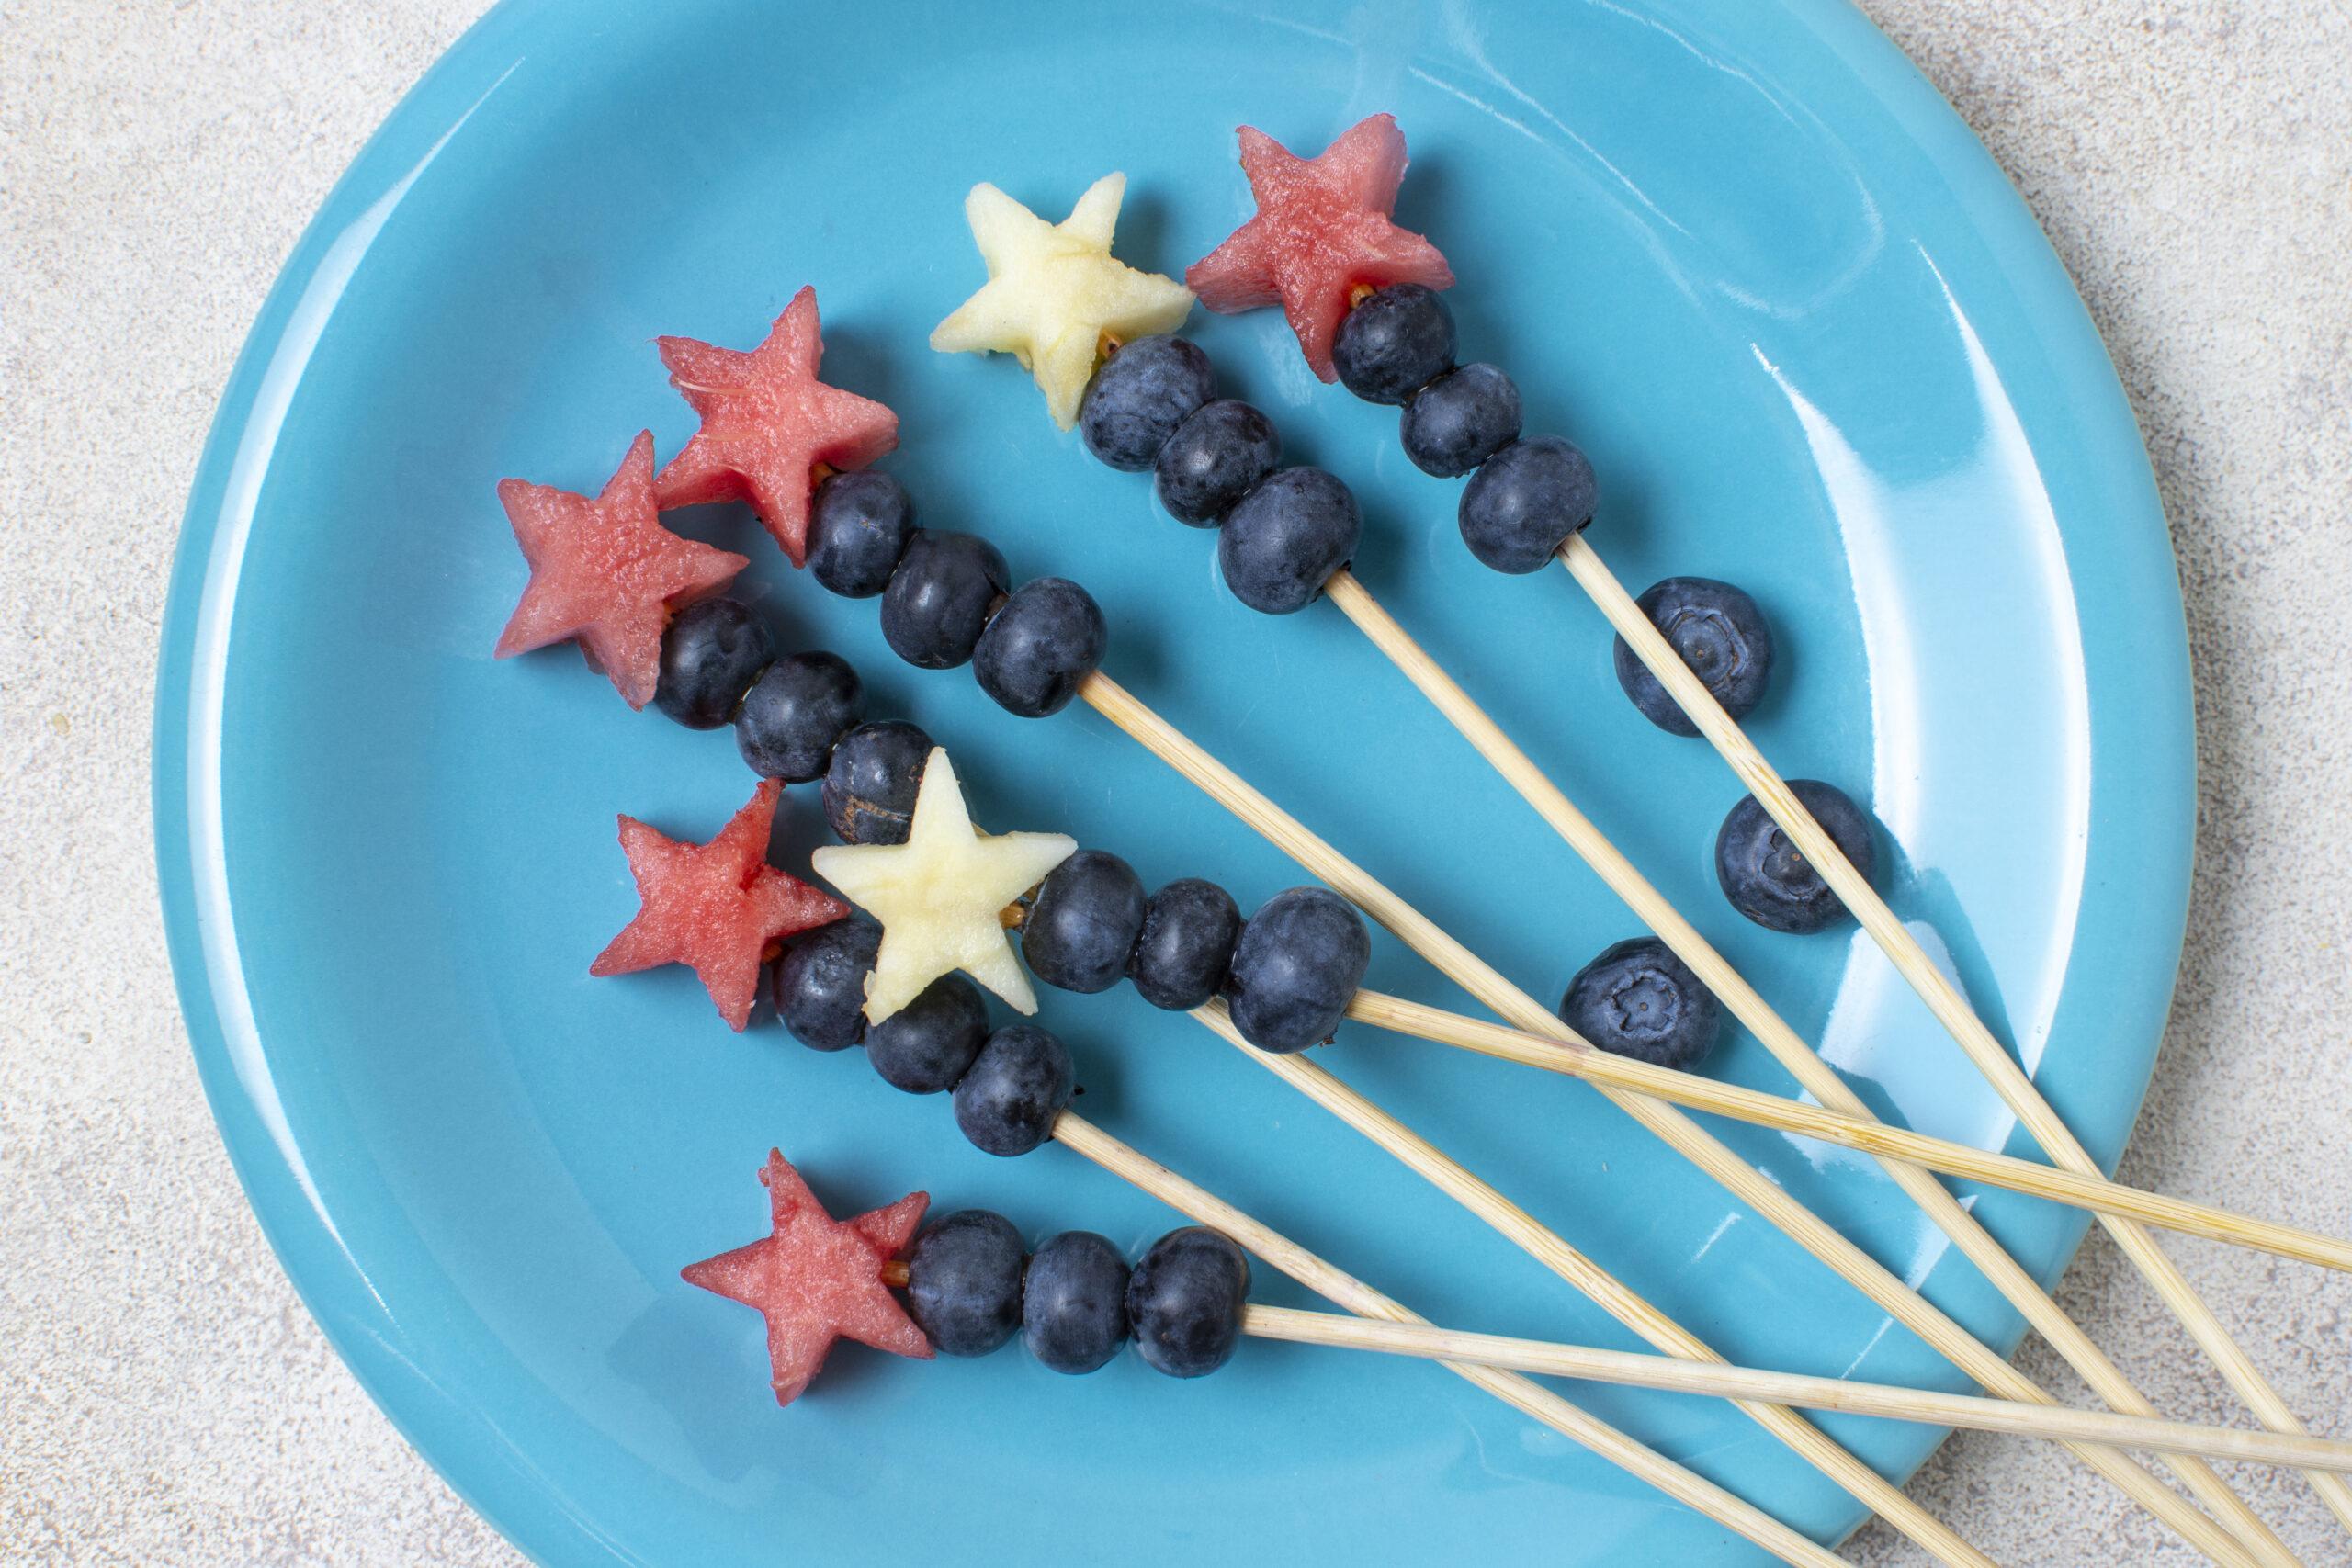 σνακ παραλίας για παιδιά - φρέσκα φρούτα